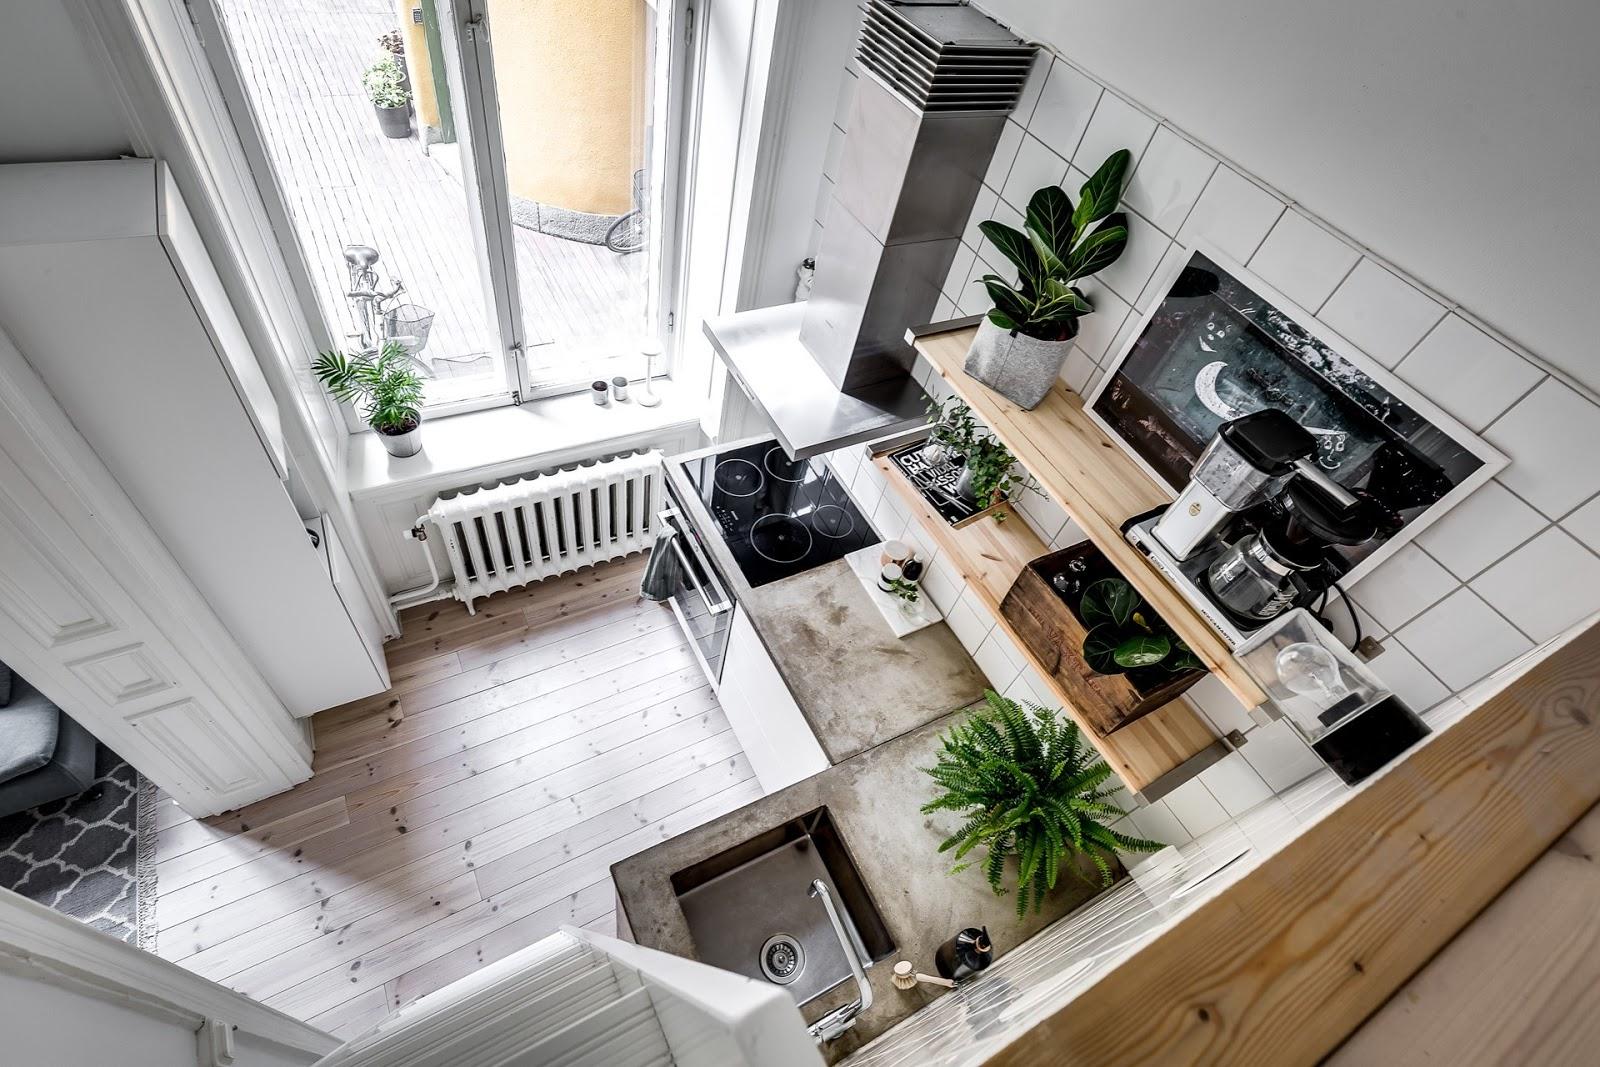 Dormitor deasupra dulapului într-o garsonieră de numai 21 m² 12.jpeg